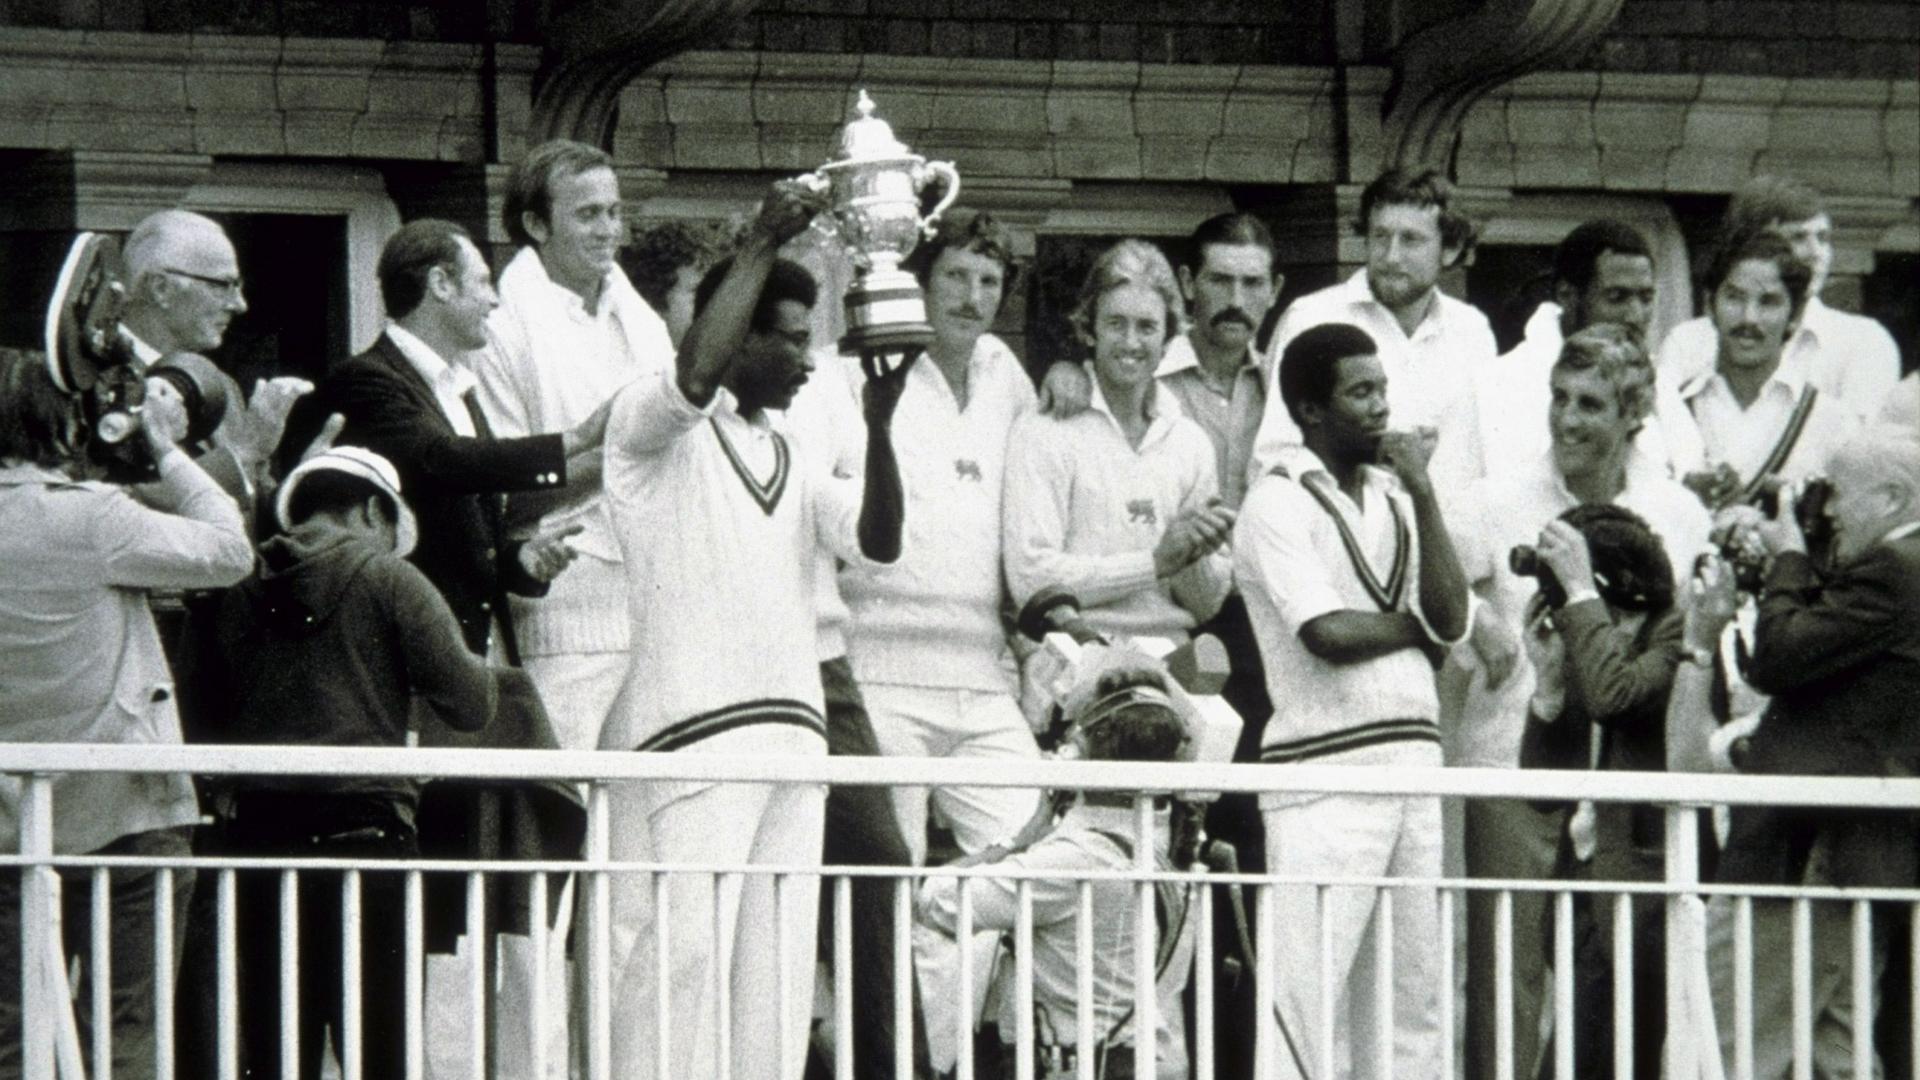 দেখে নিন ক্রিকেট বিশ্বকাপের সেরা দশটি ম্যাচের তালিকা ! যা ছিল দেখার মতো 2